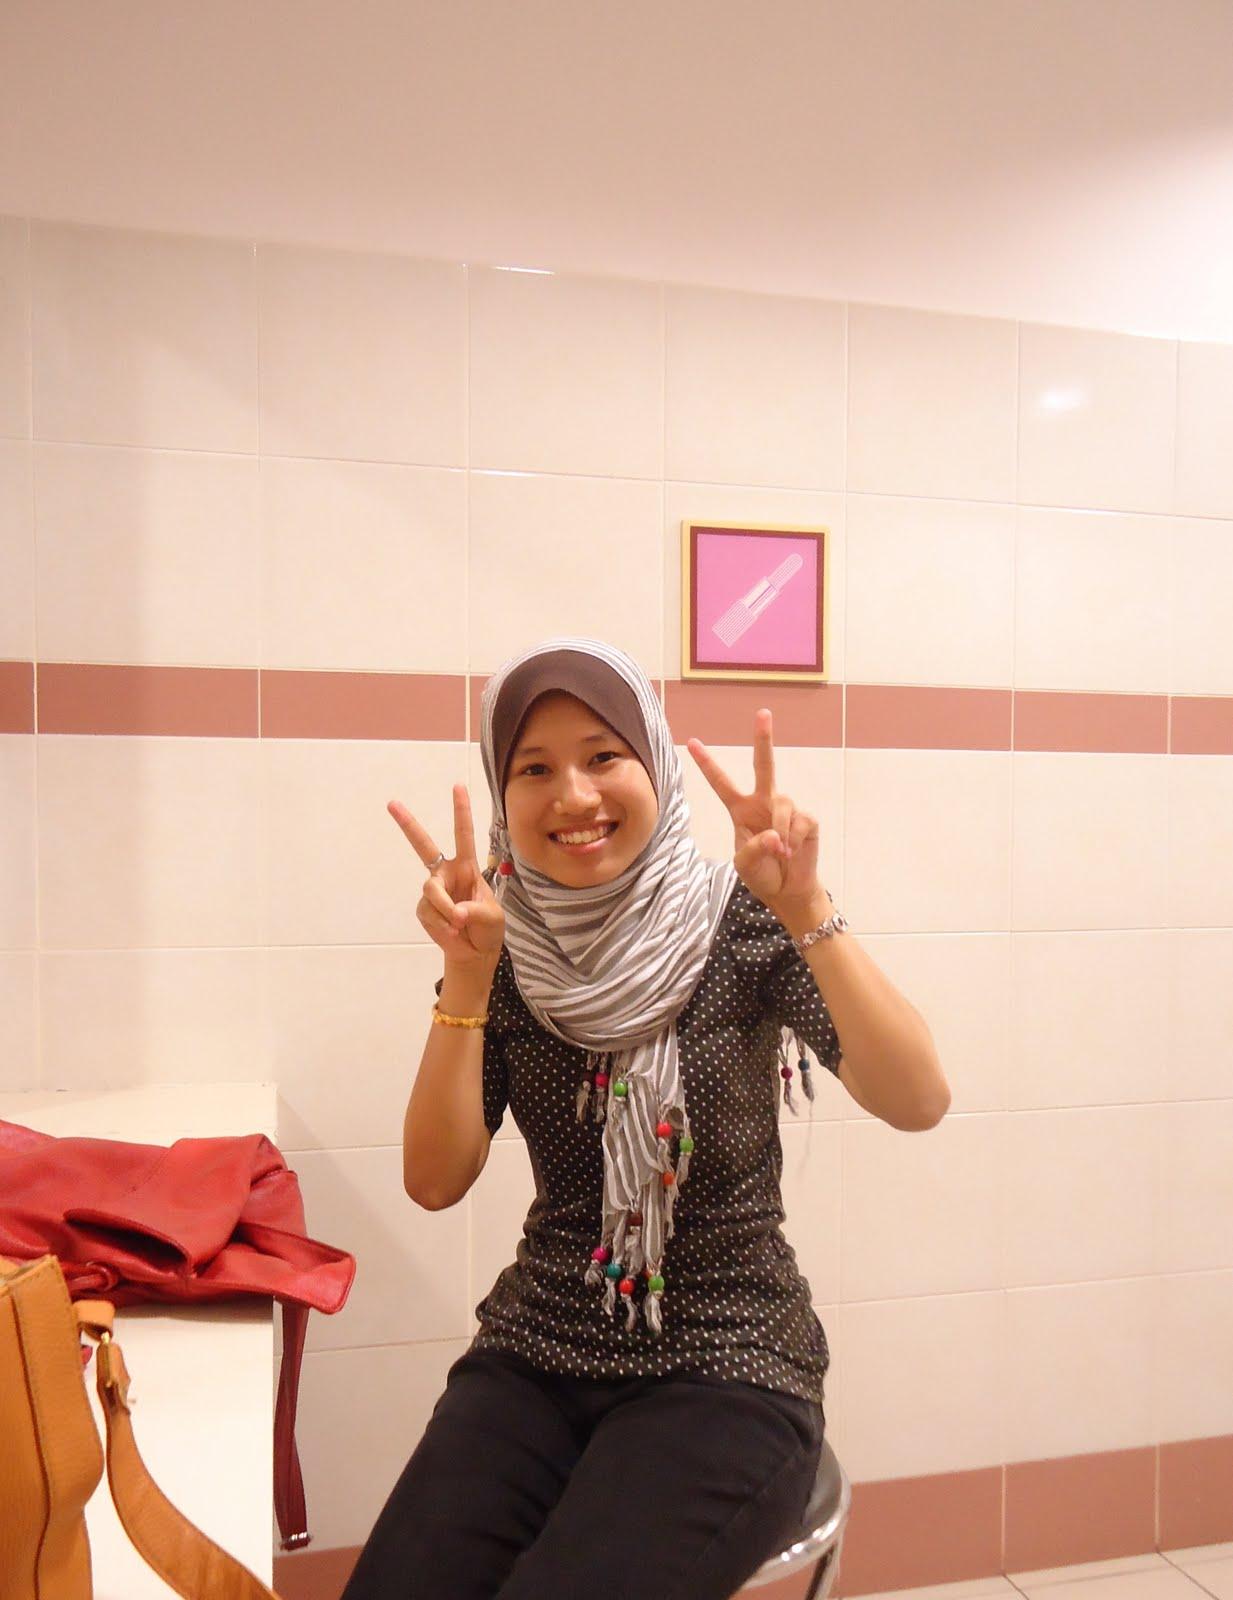 Najlaa Aqilah: Happy 20th Birthday Ana Mercury (!)